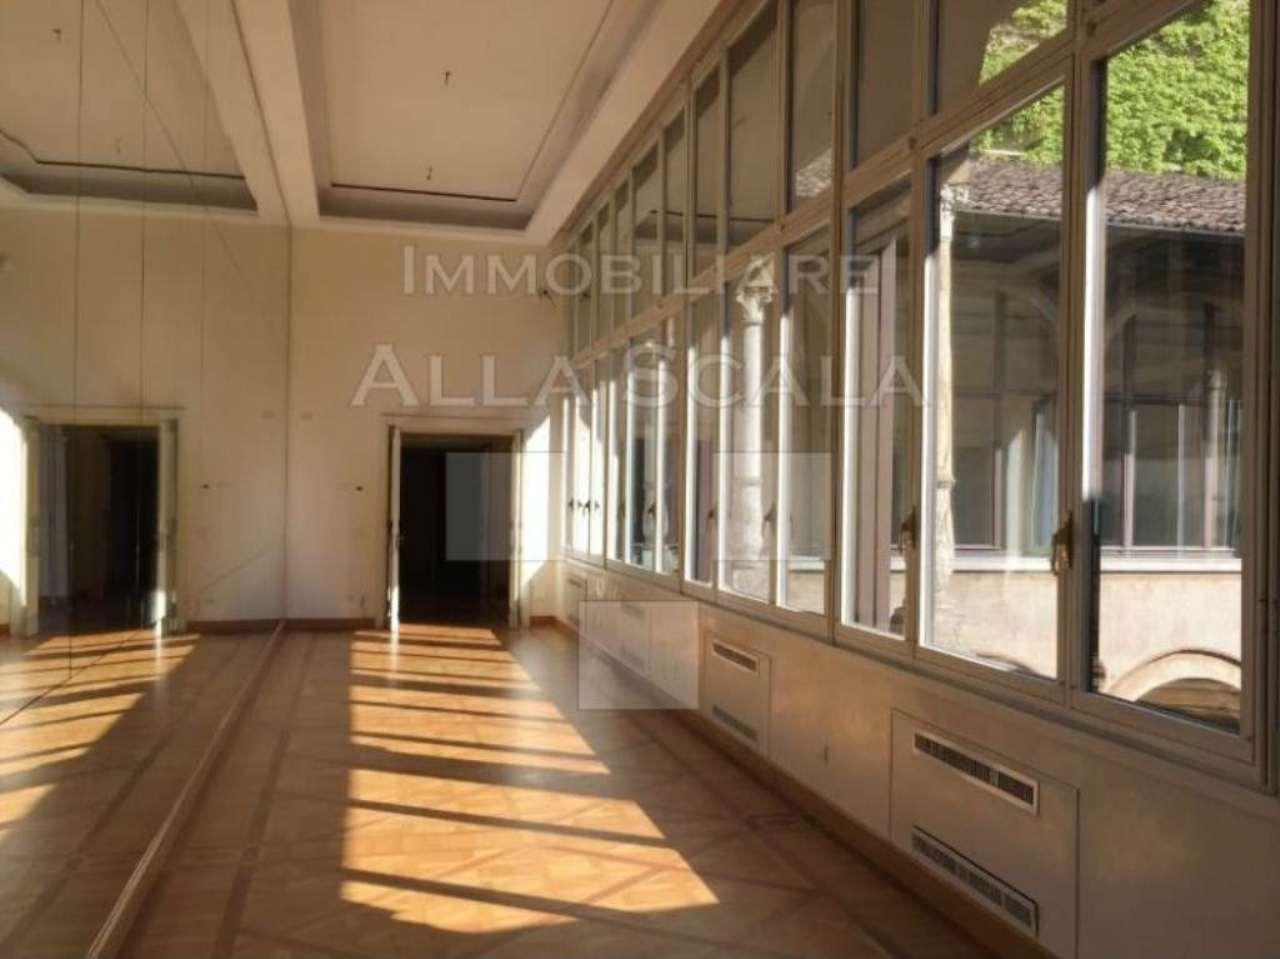 Appartamento in affitto a milano corso venezia trovocasa for Appartamenti arredati in affitto milano